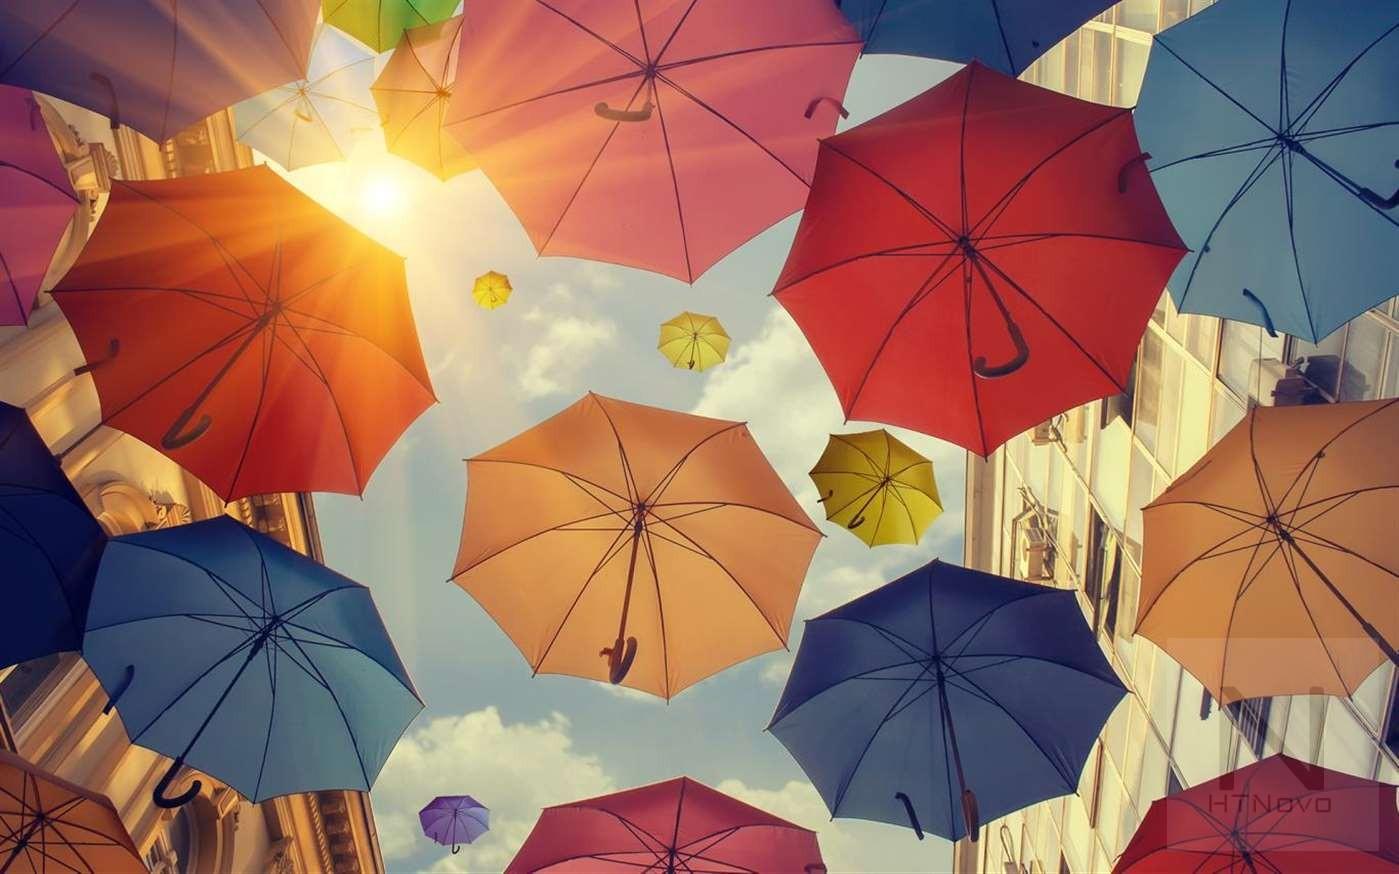 Umbrellas-tema